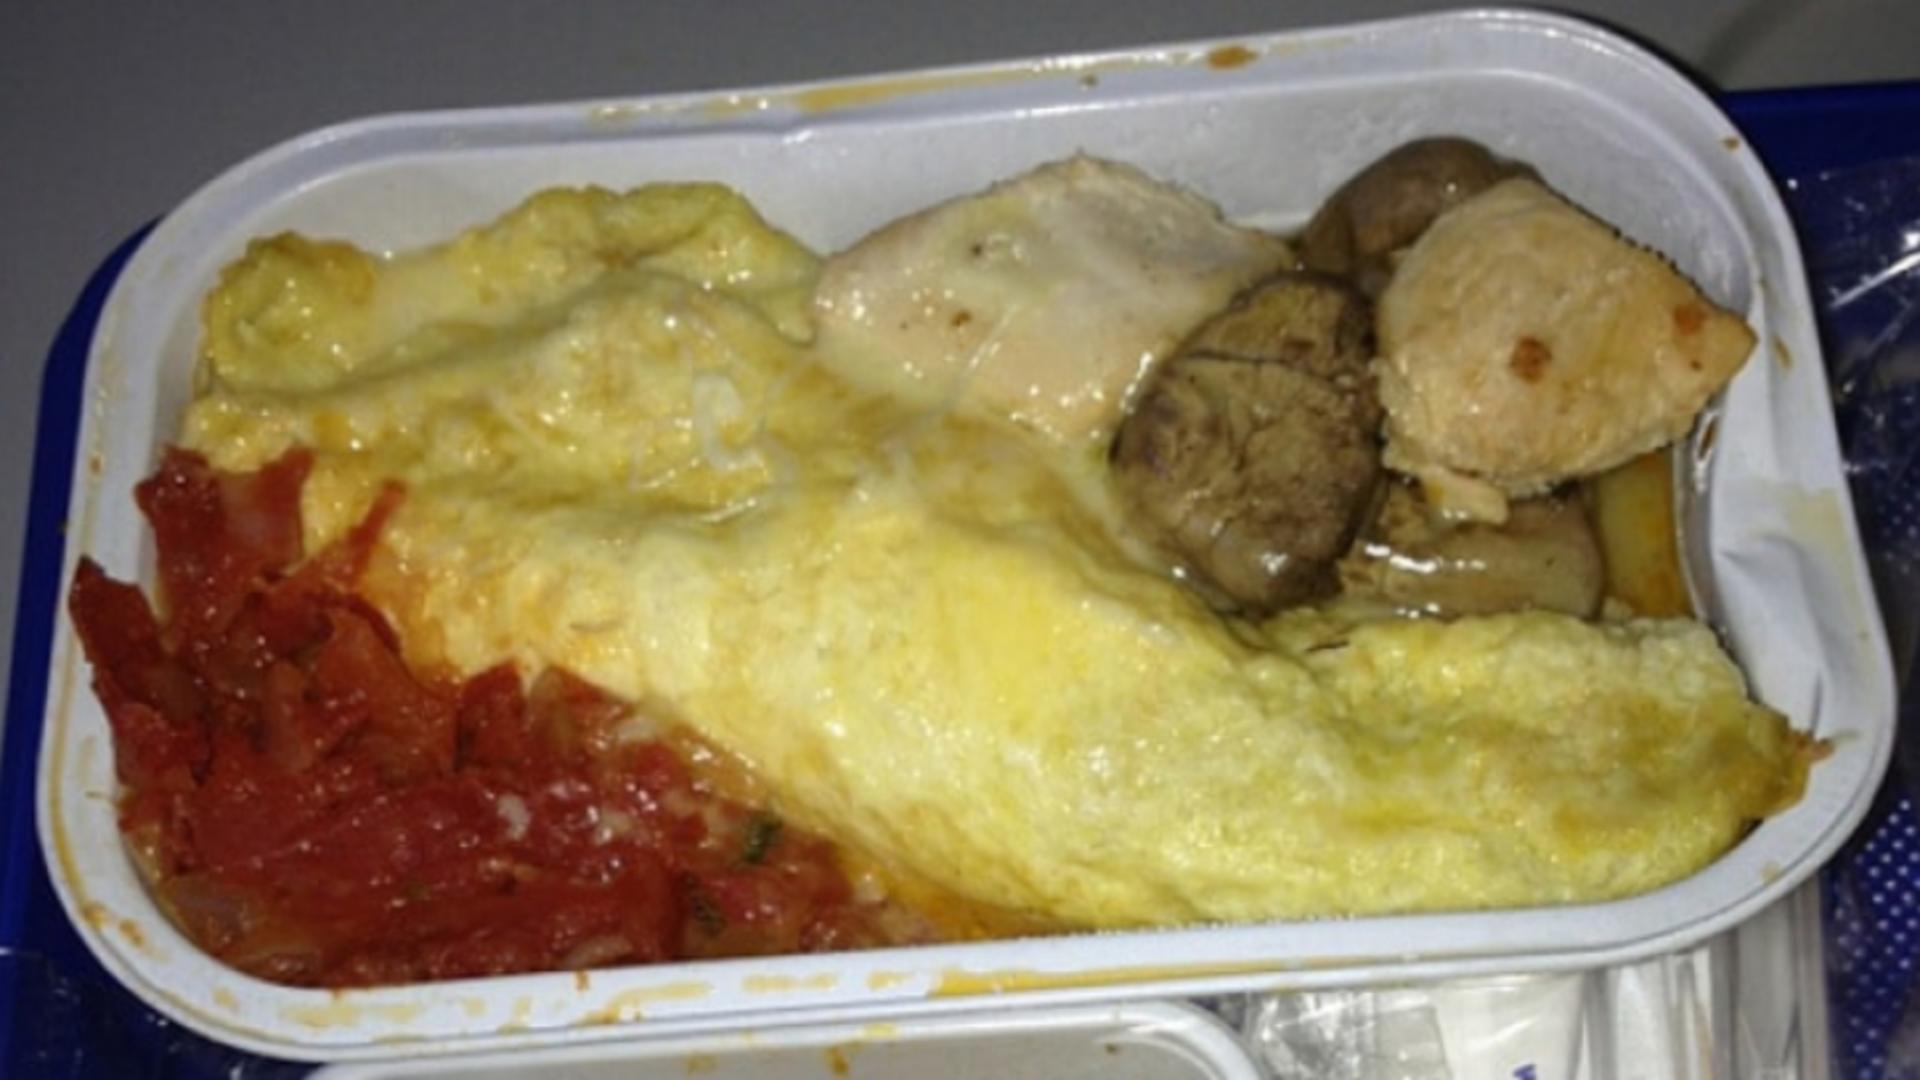 Mâncarea din avion are multe secrete neplăcute